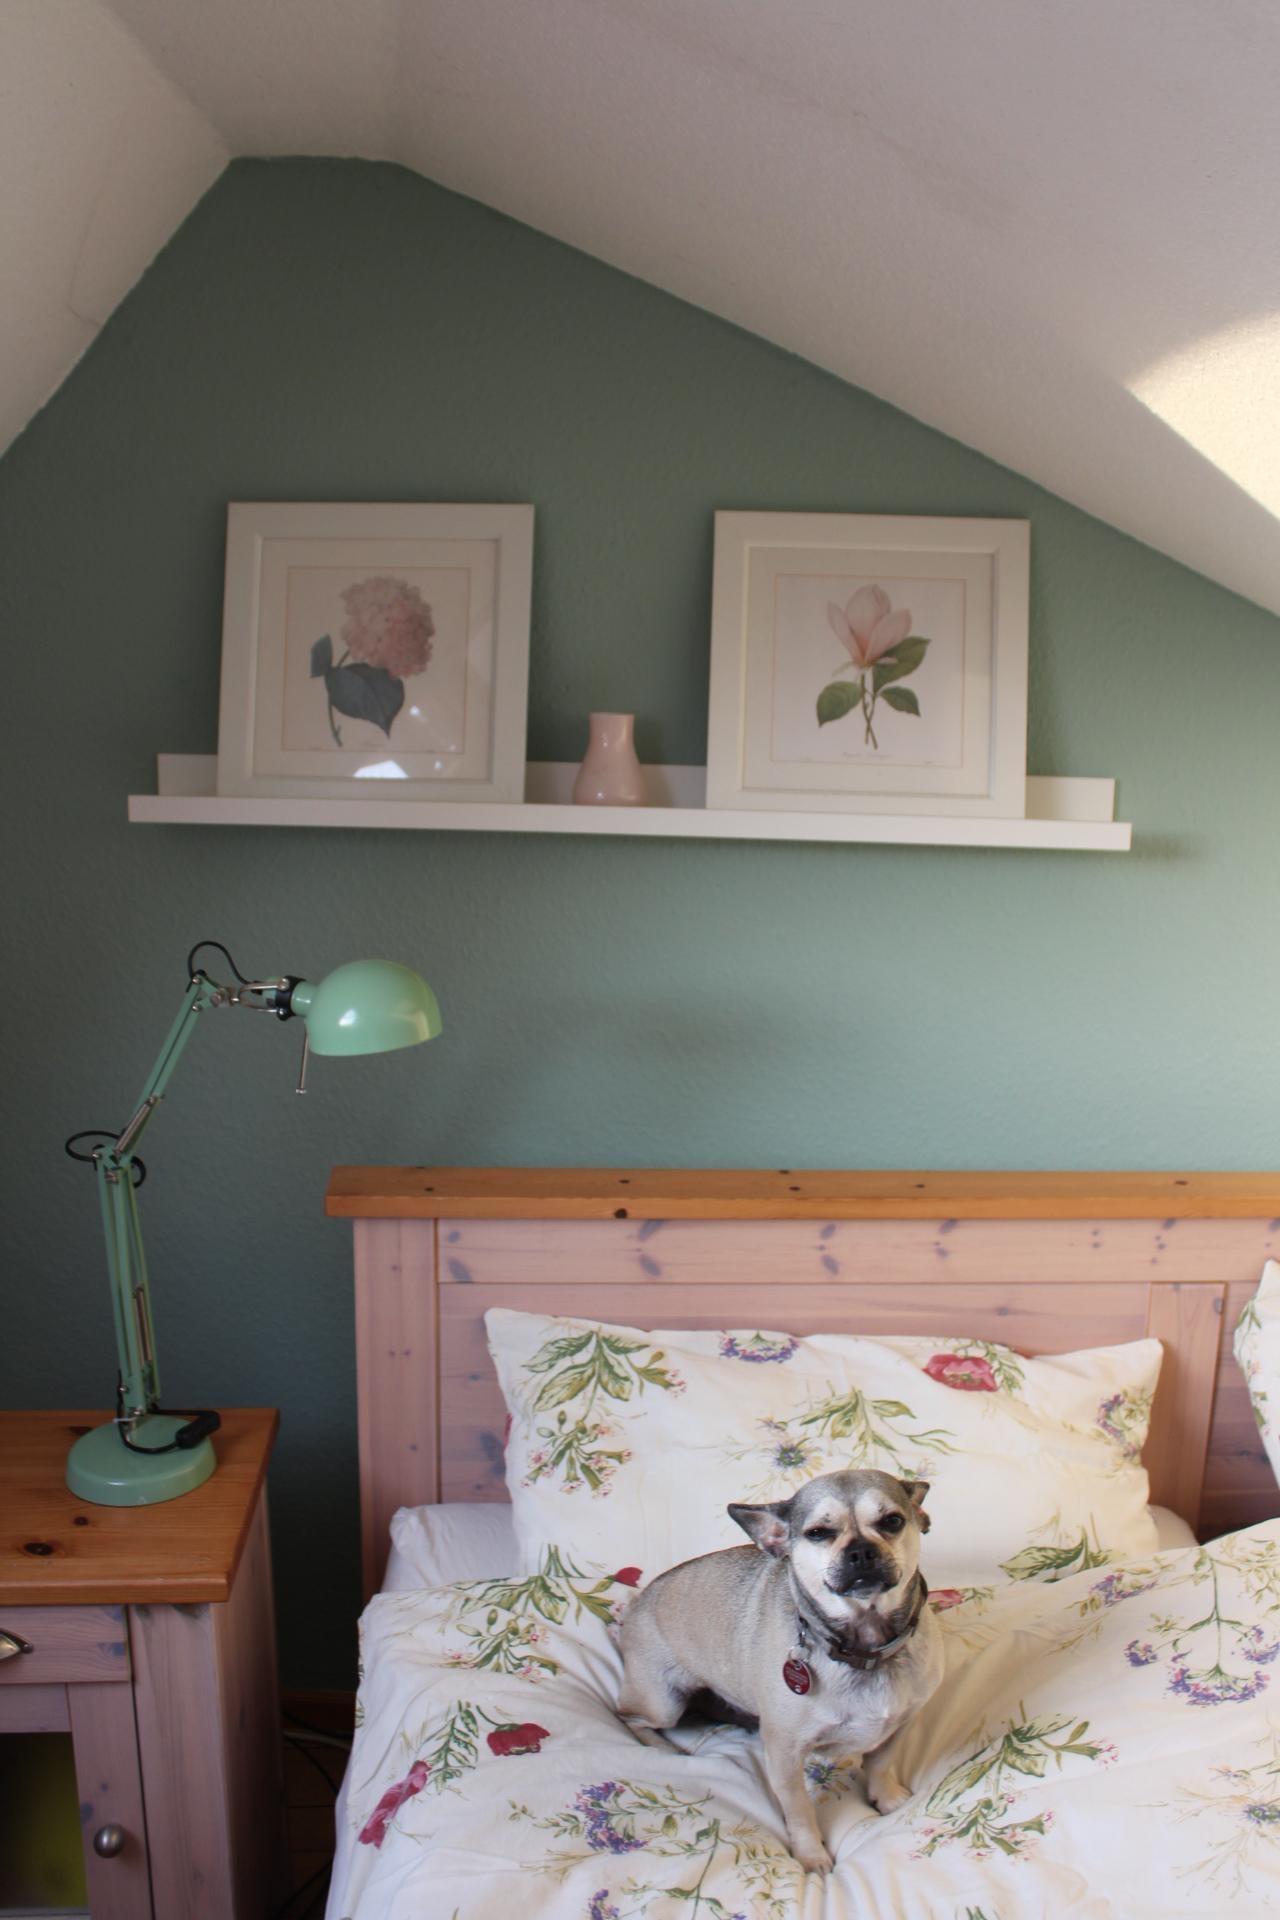 Blickfang Schlafzimmer Klein Ideen Von #livingchallenge #schlafzimmer Aber Gemütlich Auf Der Empore